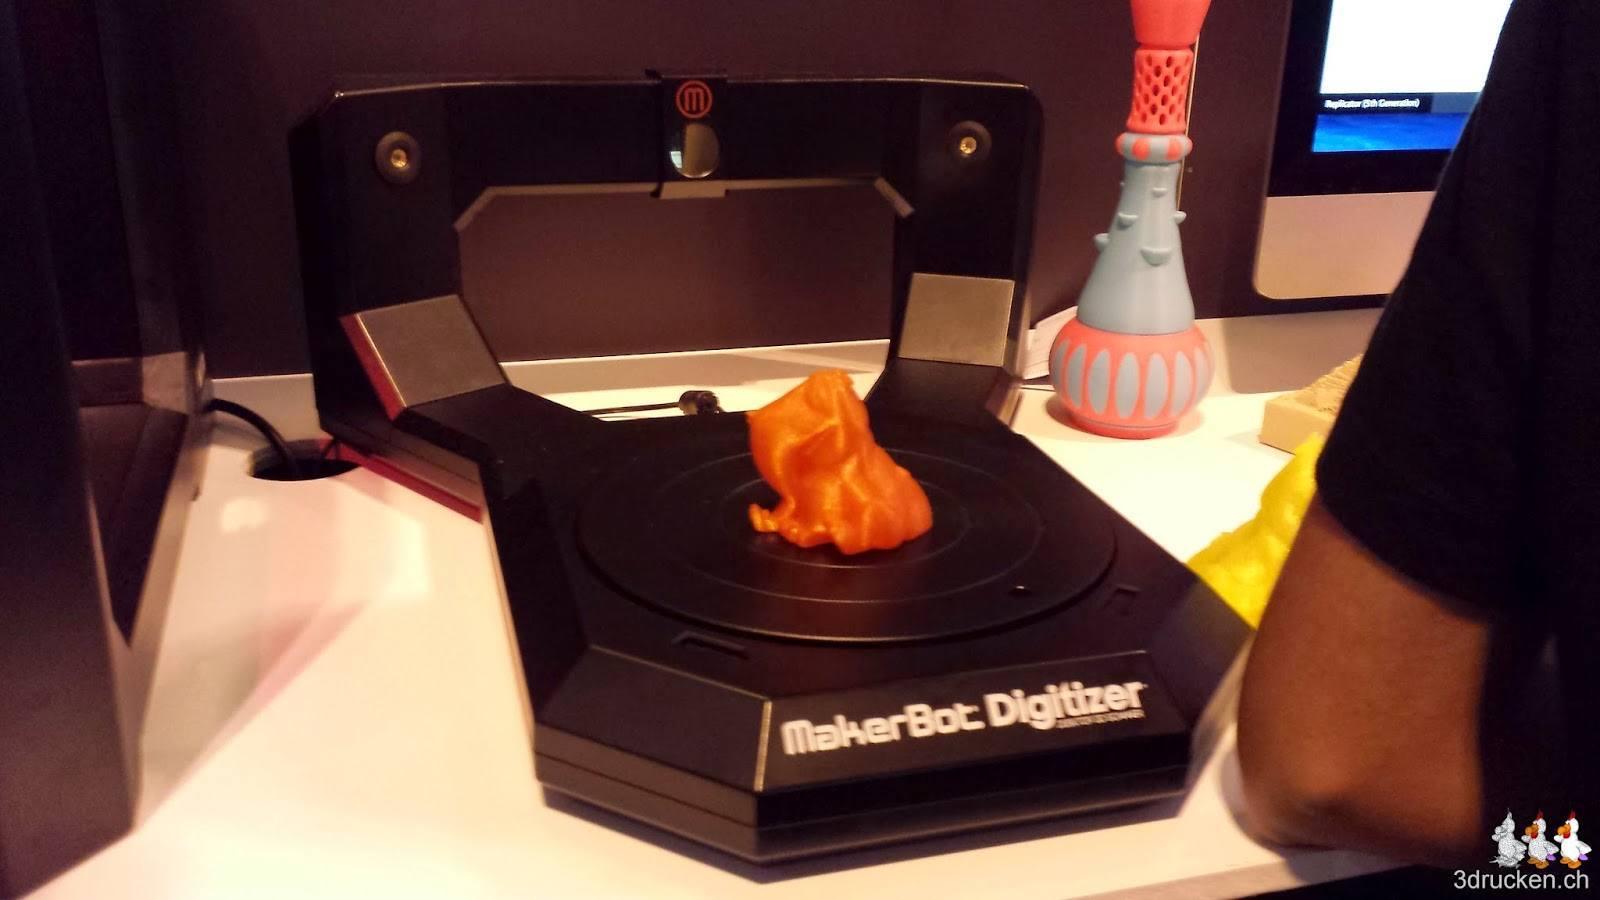 Foto des MakerBot Digitizer am Stand von Makerbot an der TCT Show 2014 in Birmingham